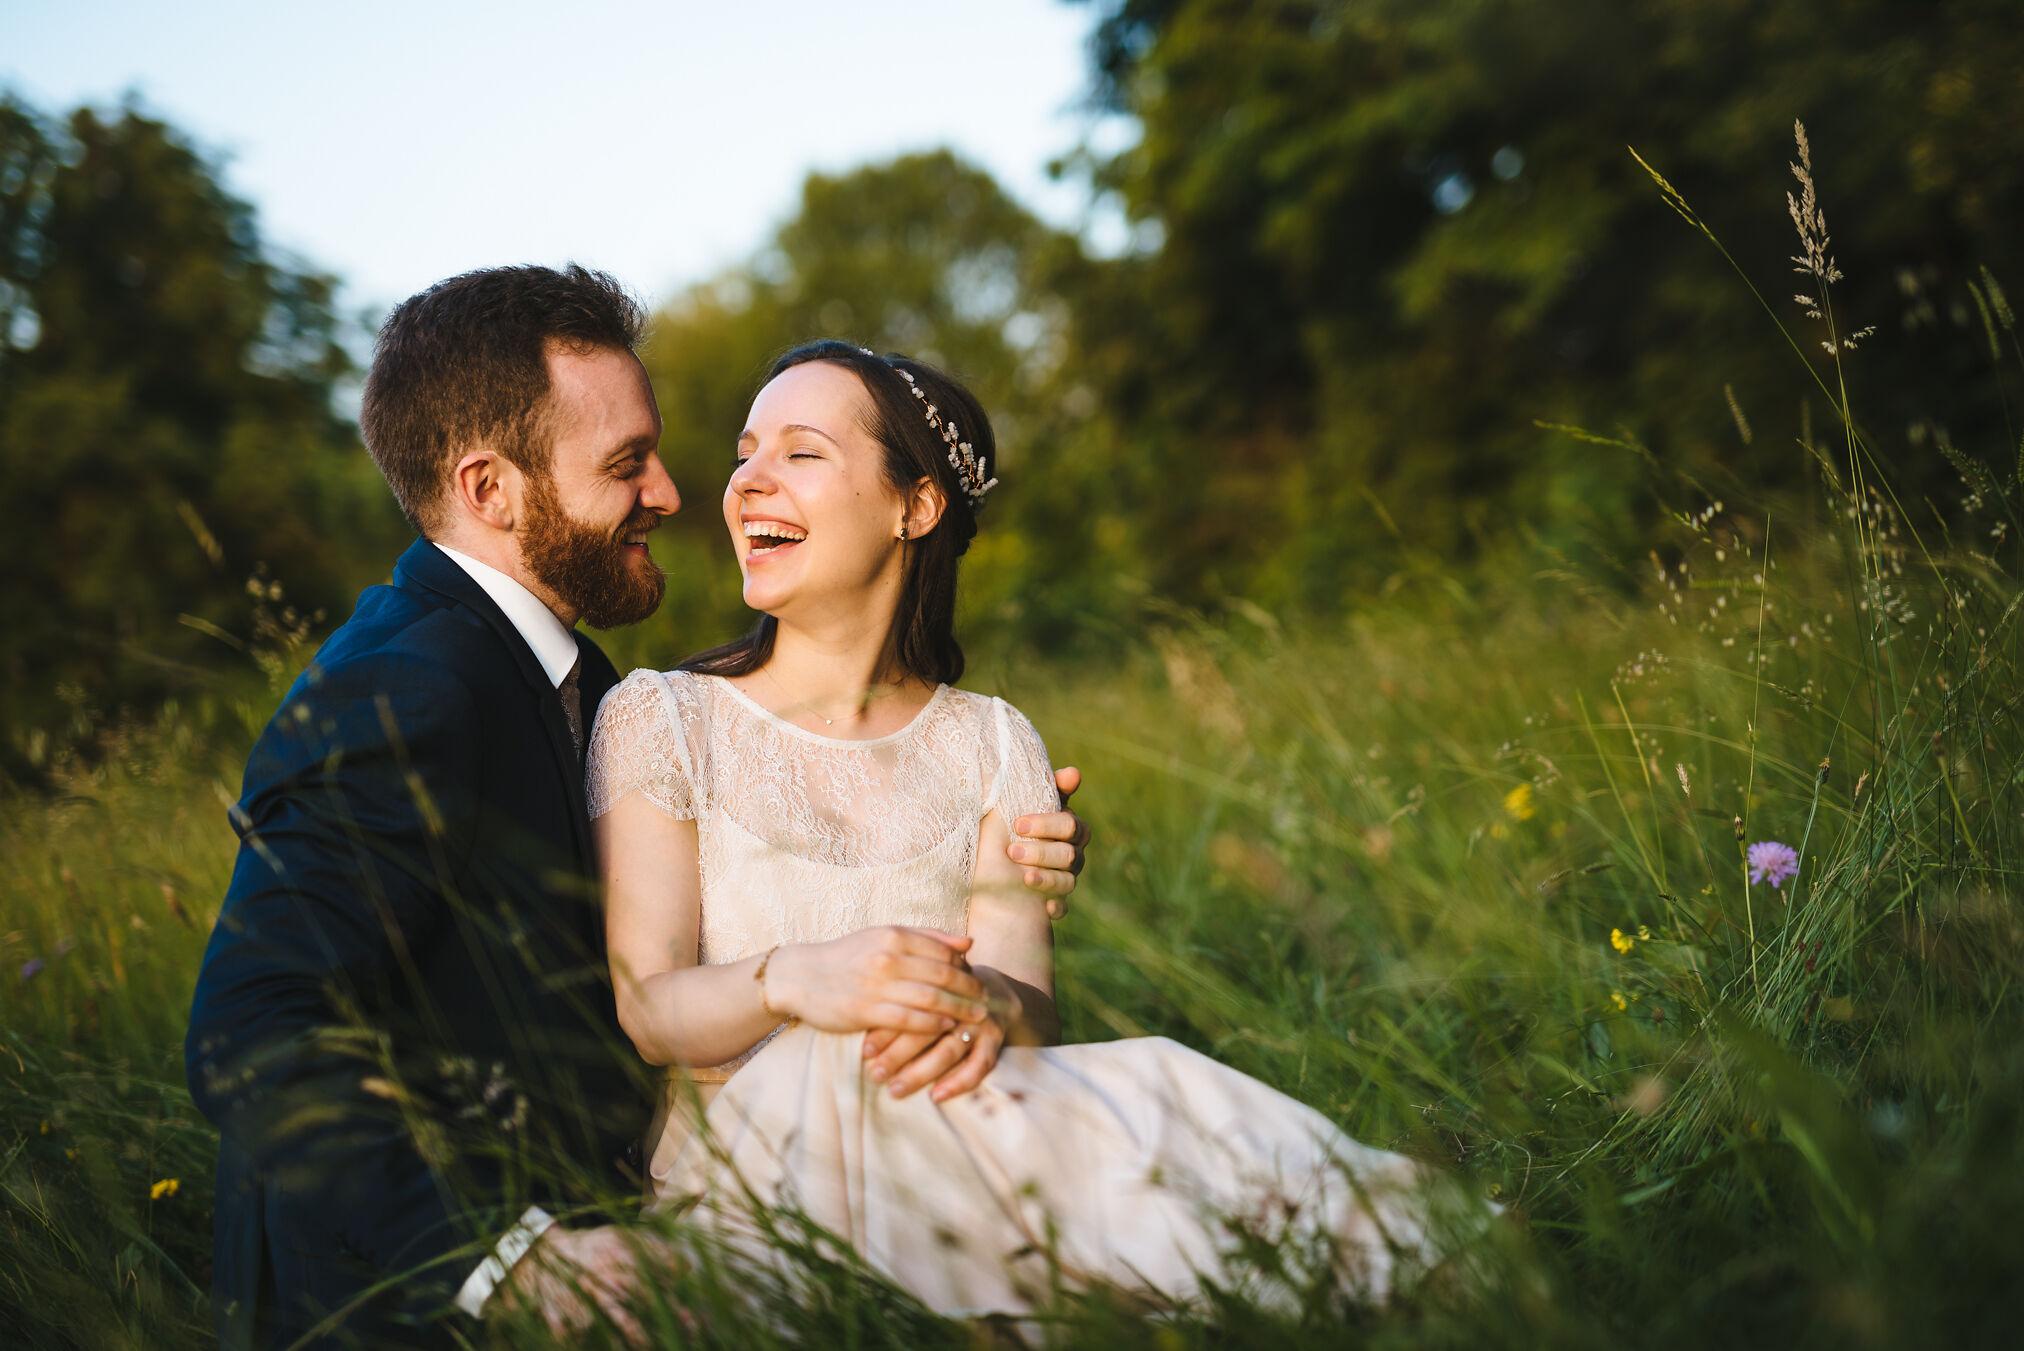 Hochzeit-Garten-Denoti-53.jpg